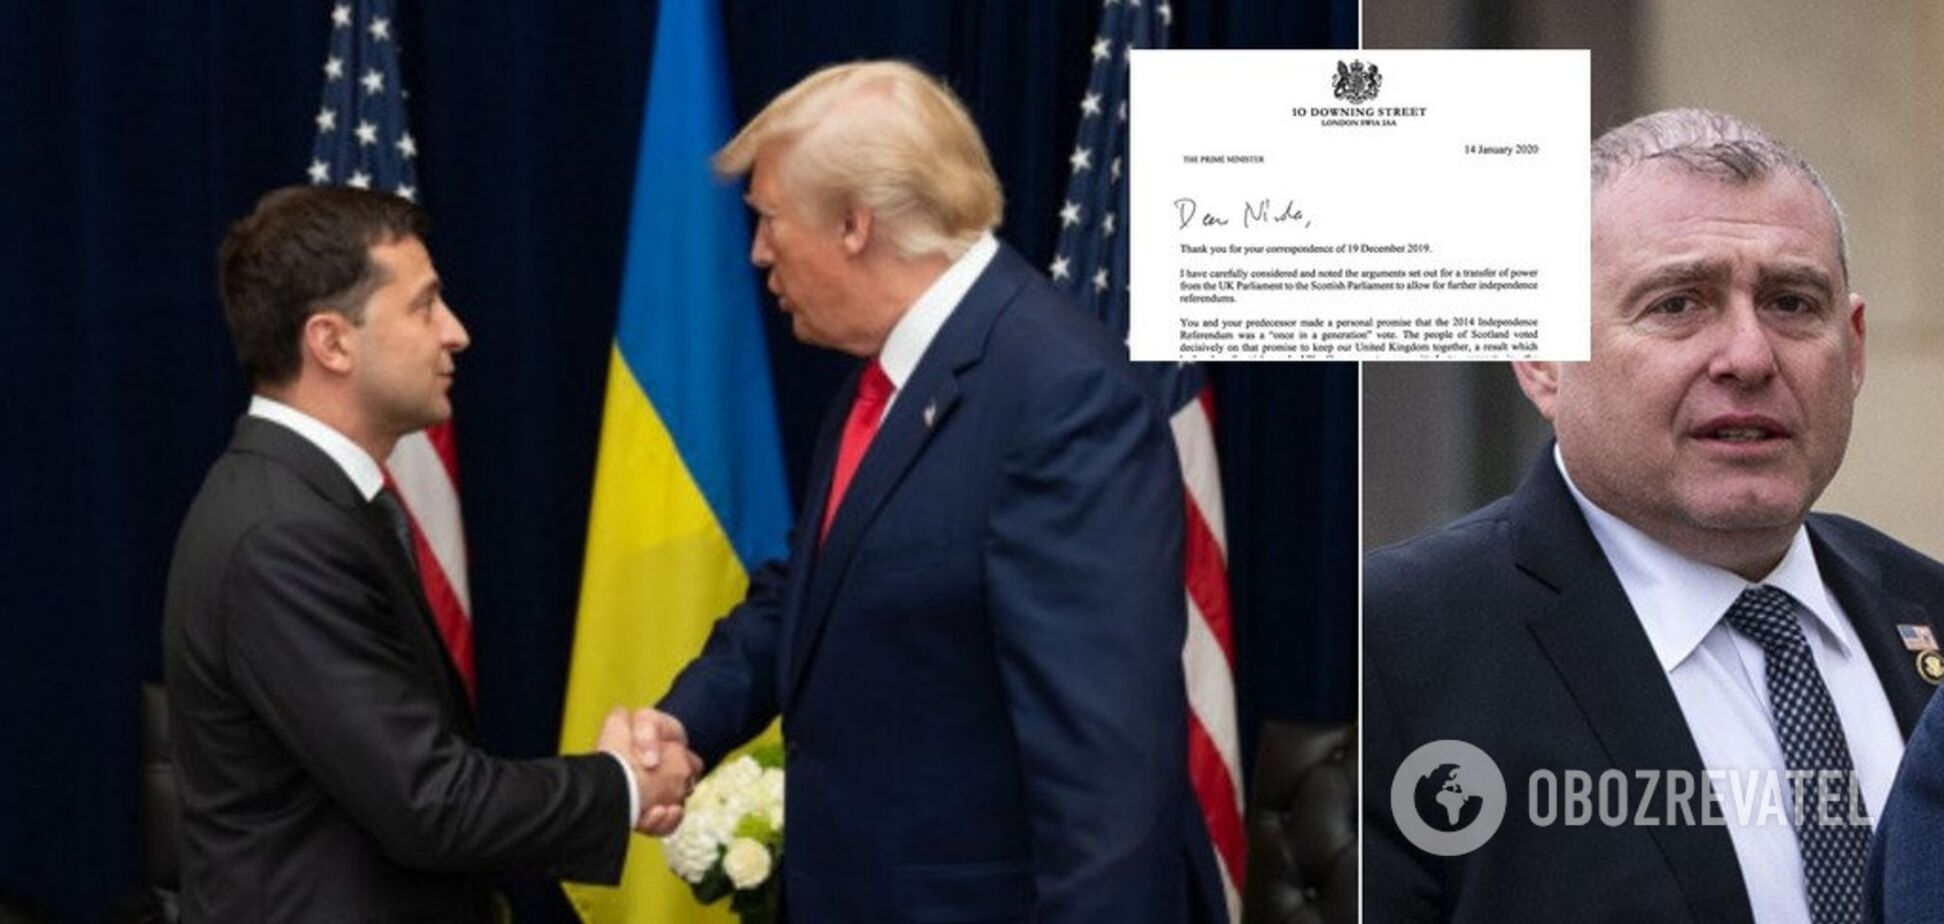 'Заставь Зеленского!' В США обнародовали новый компромат на Трампа: документы